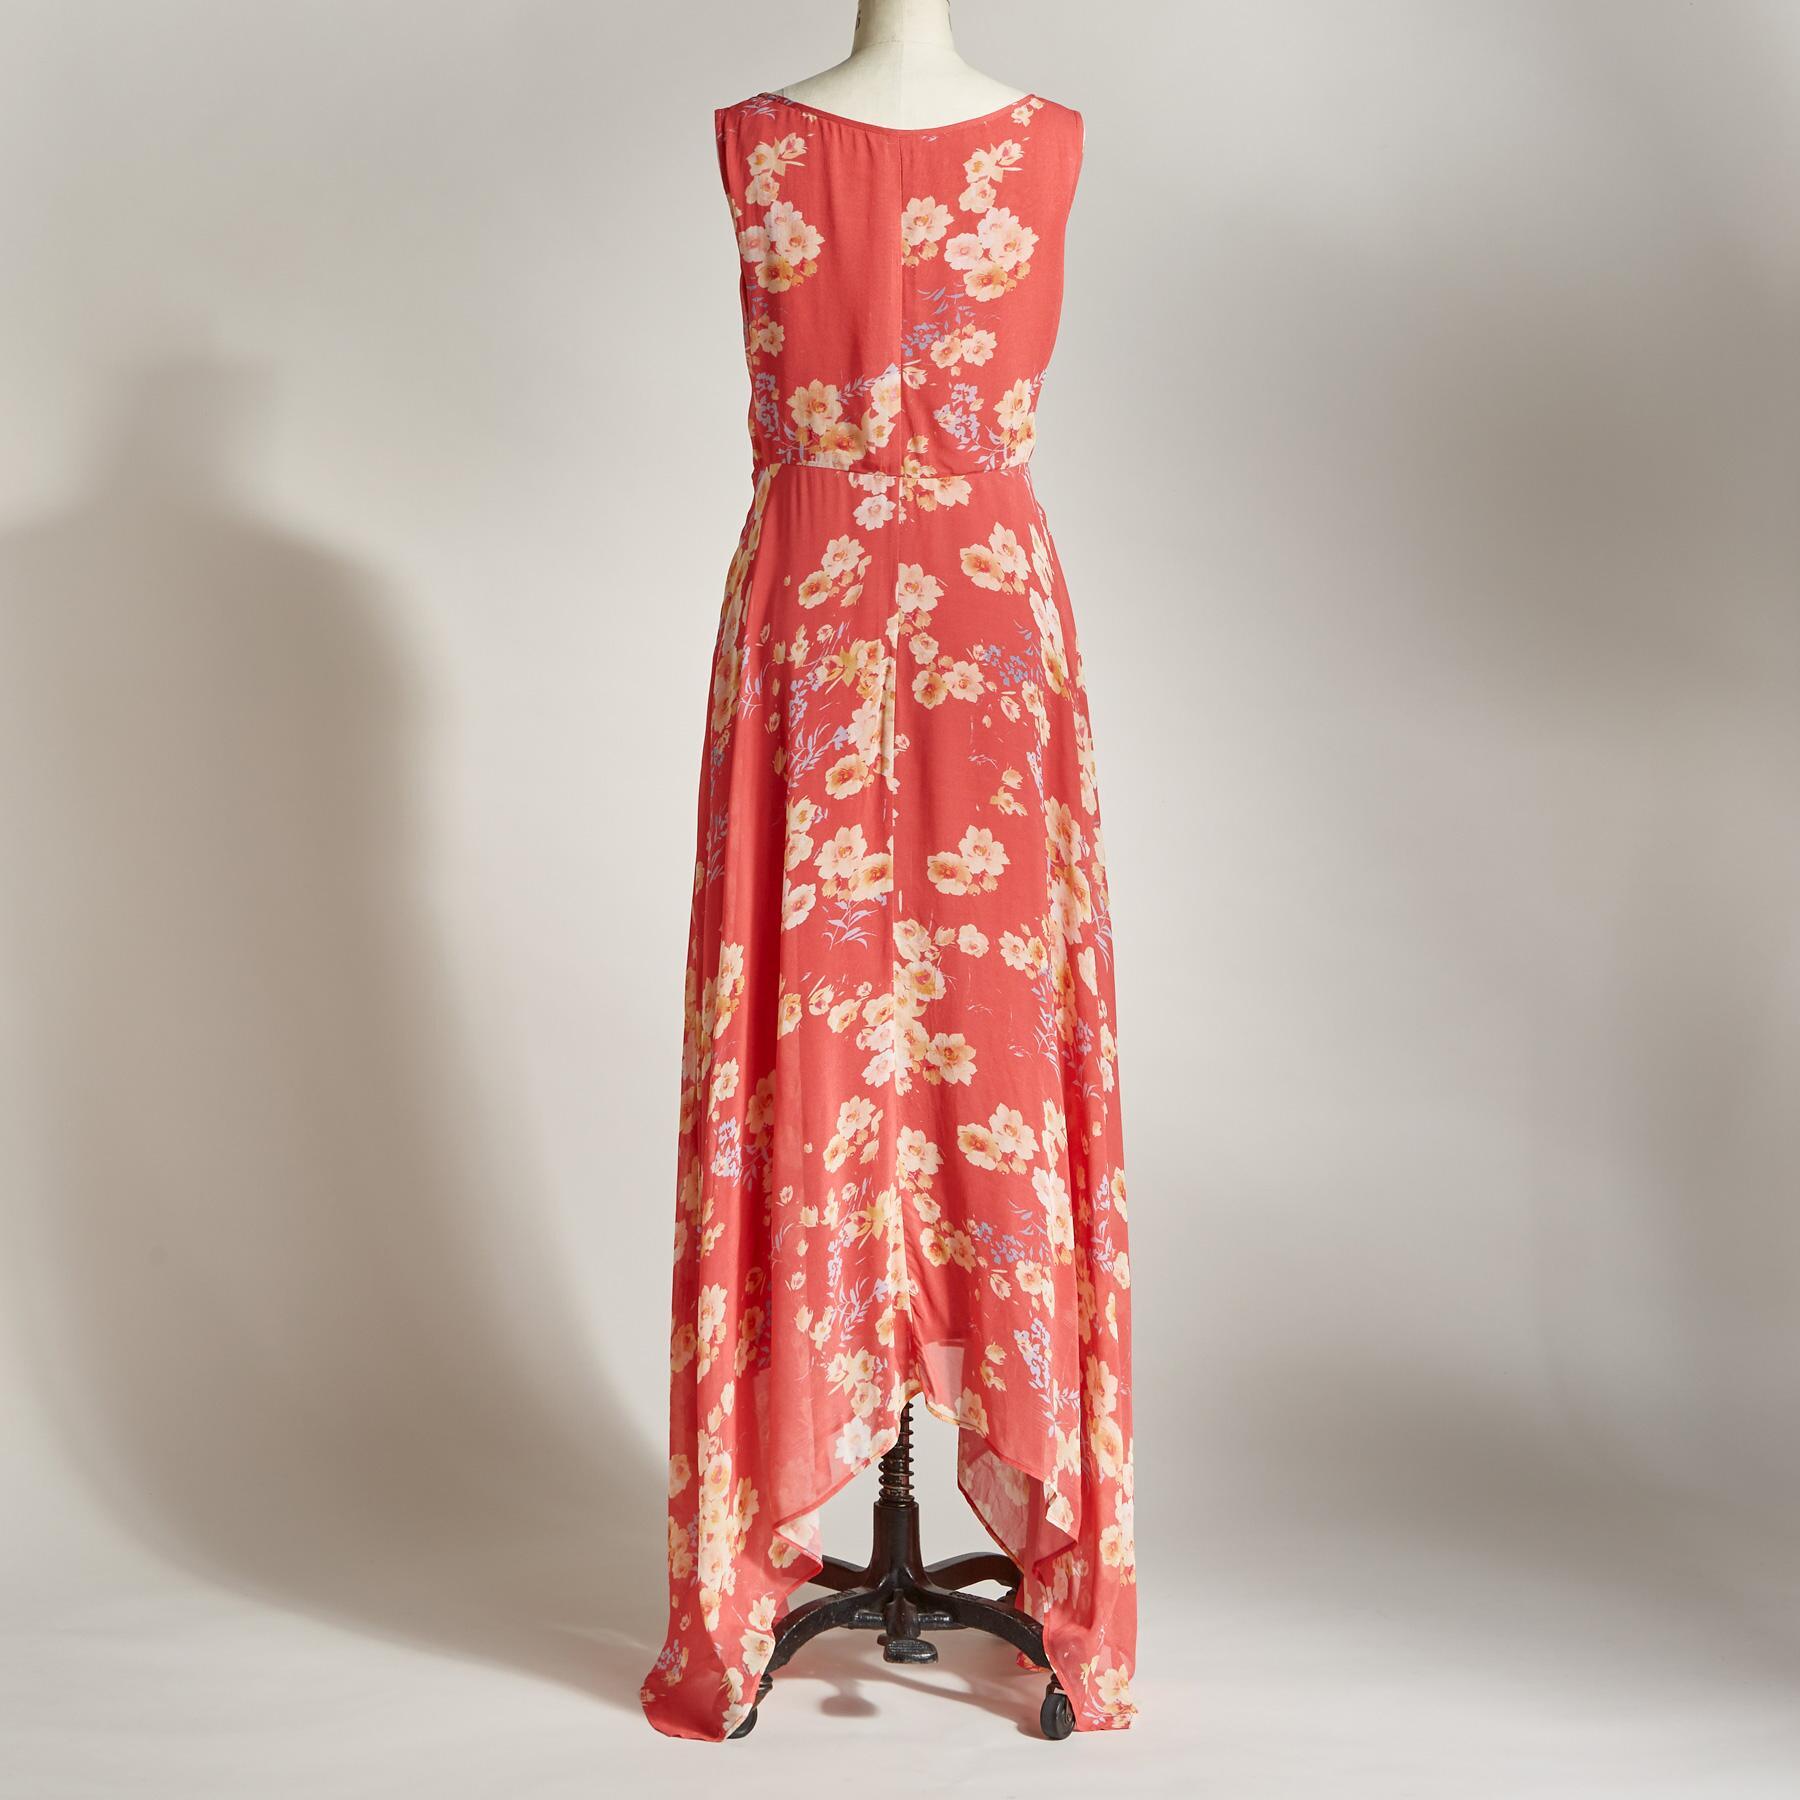 SAVOIR FAIRE DRESS: View 2